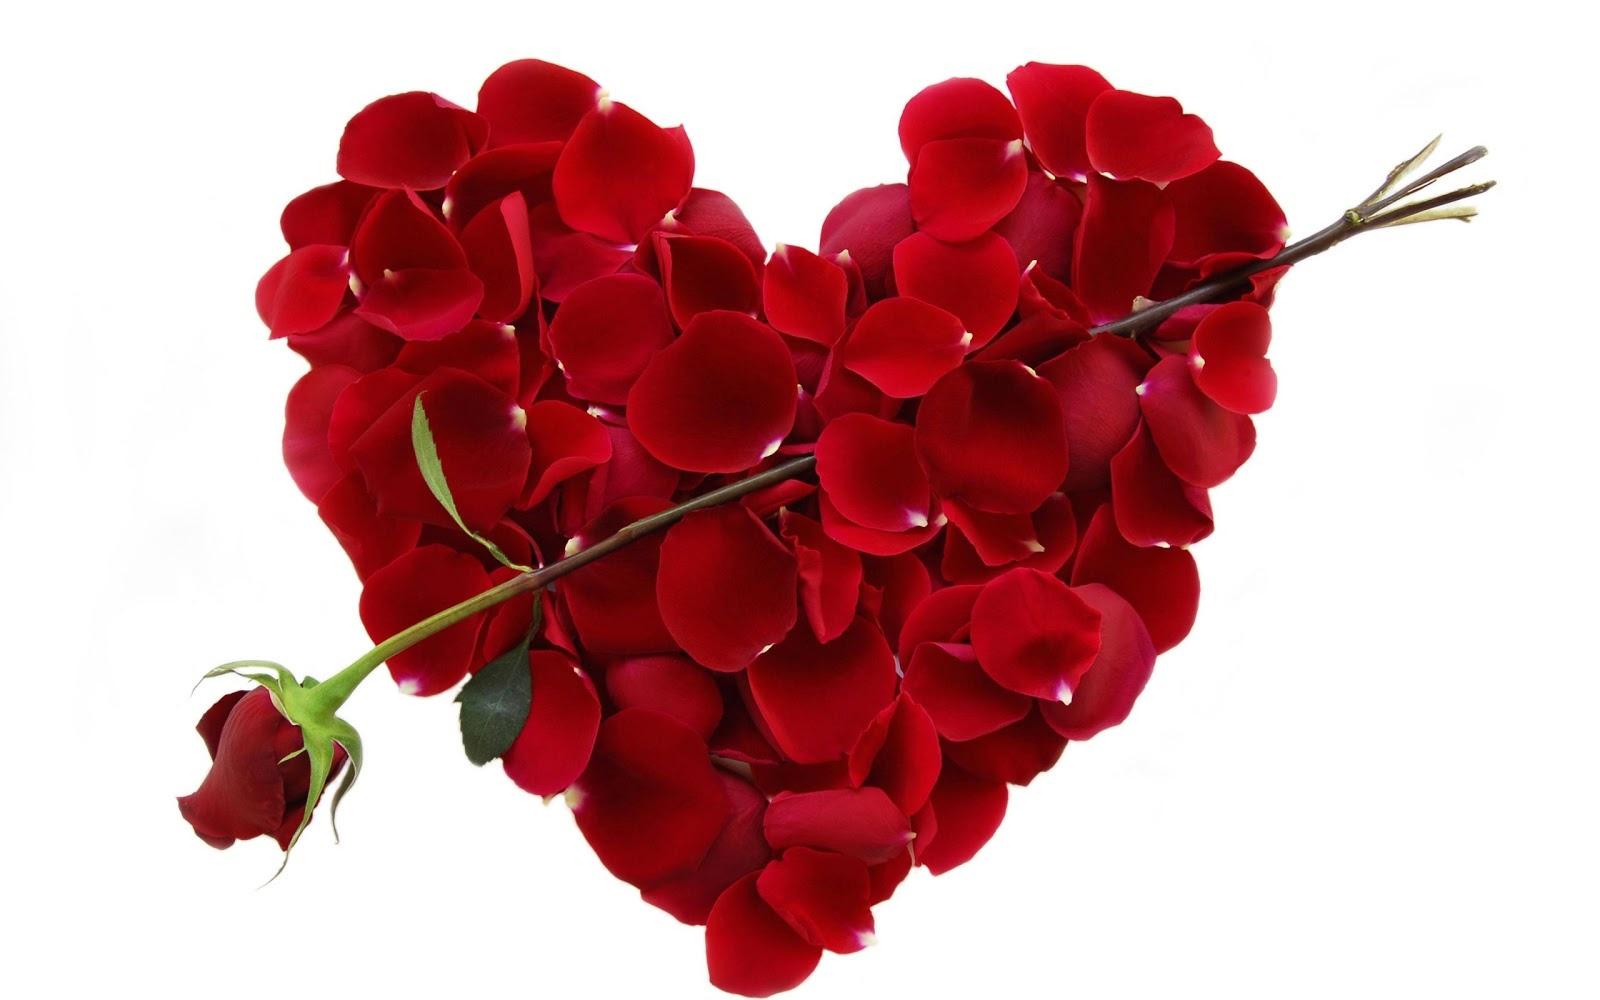 Valentino dienos statistika: kiek porų tuokiasi šią dieną?